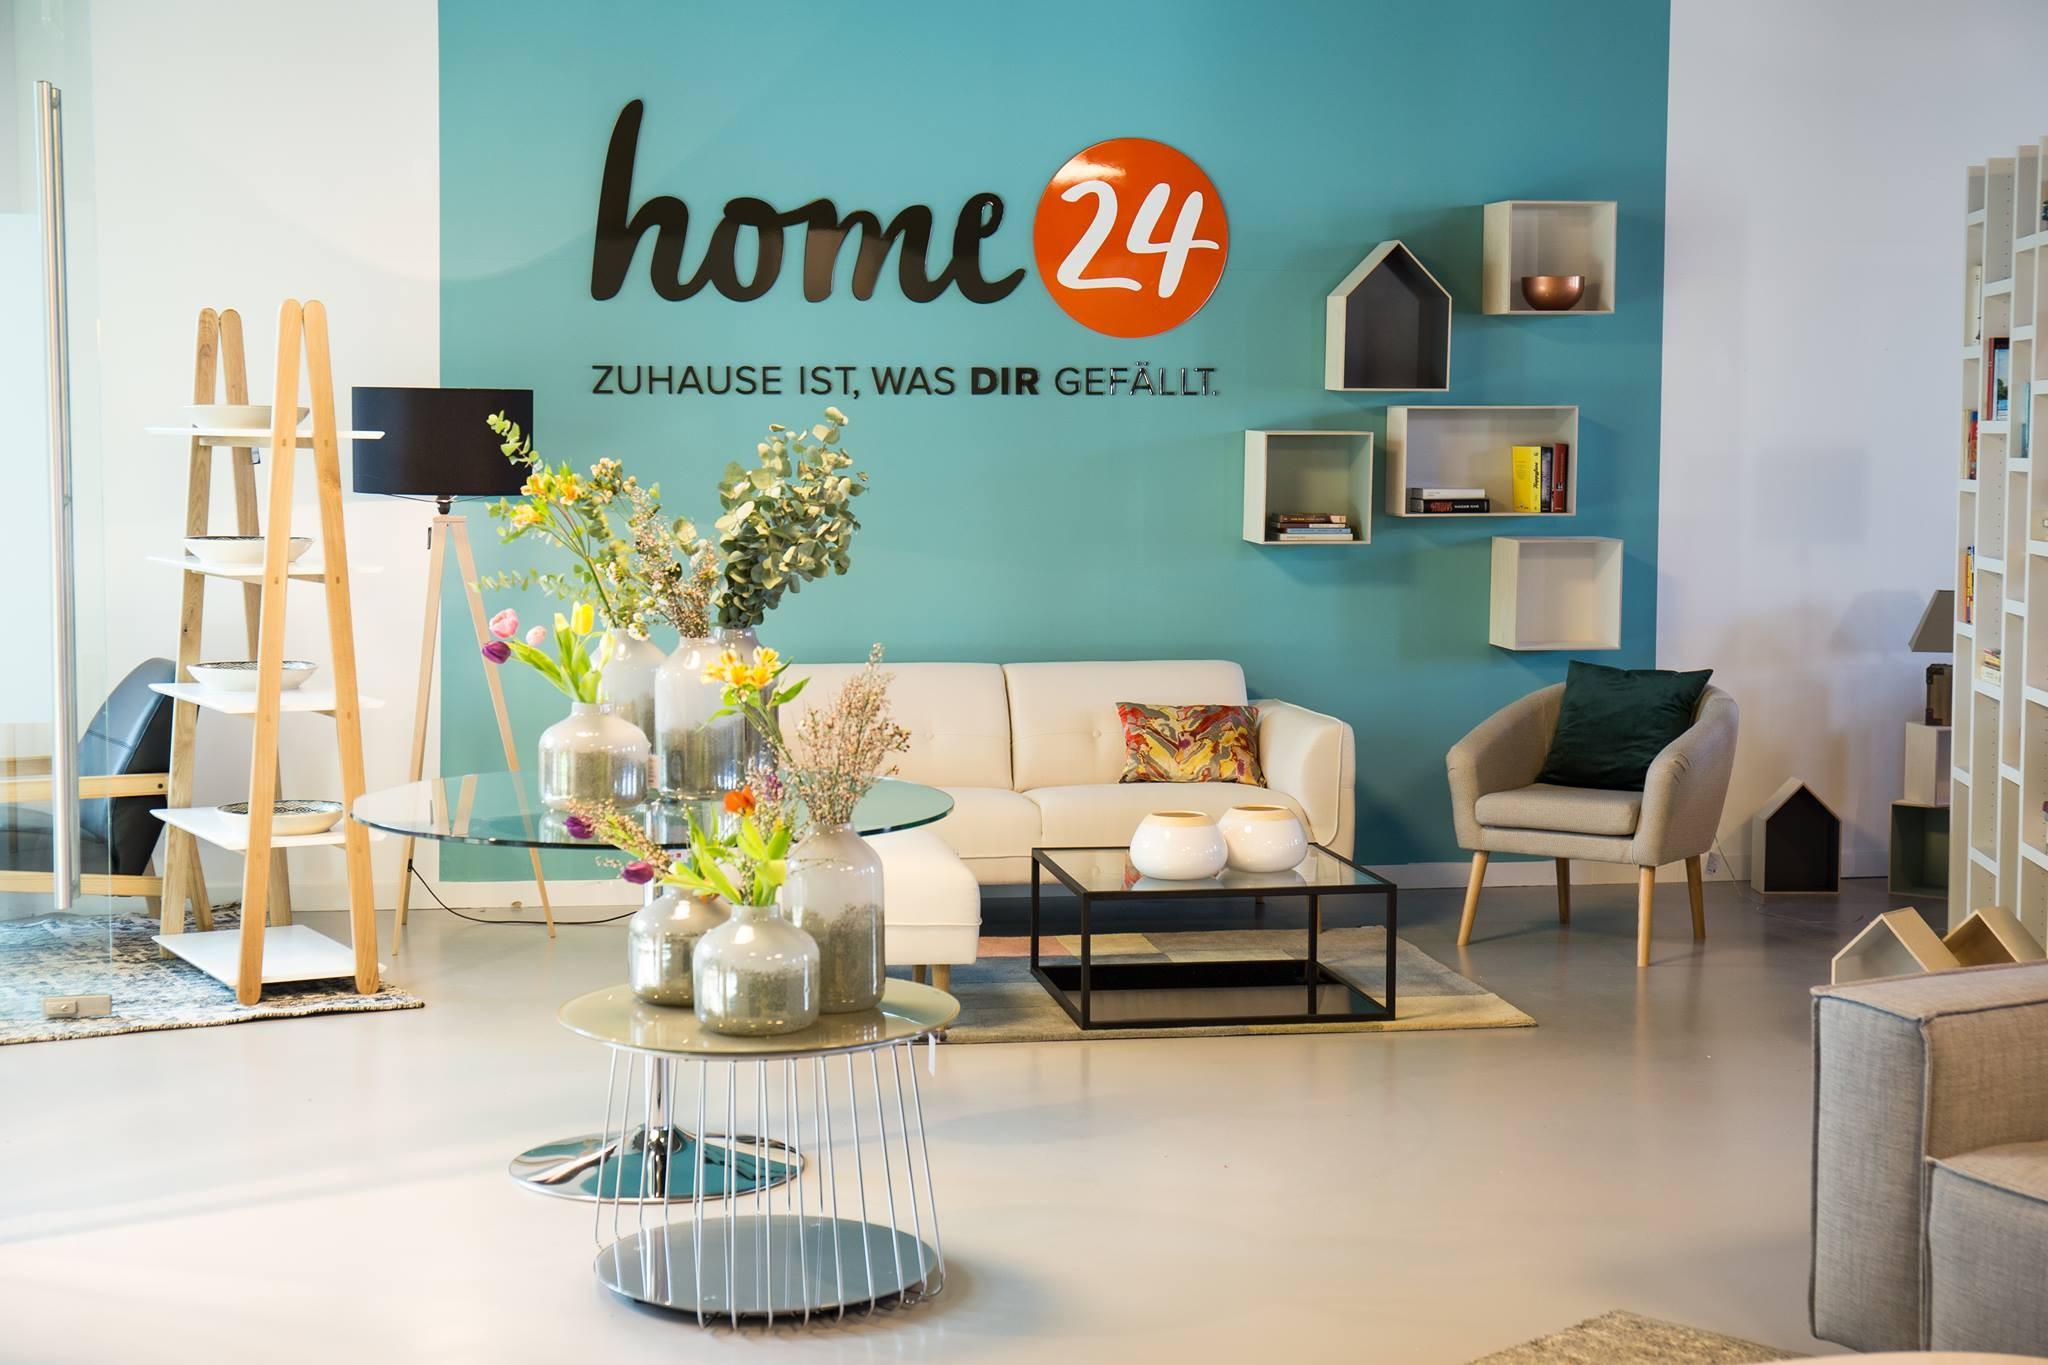 home20 SE   LinkedIn